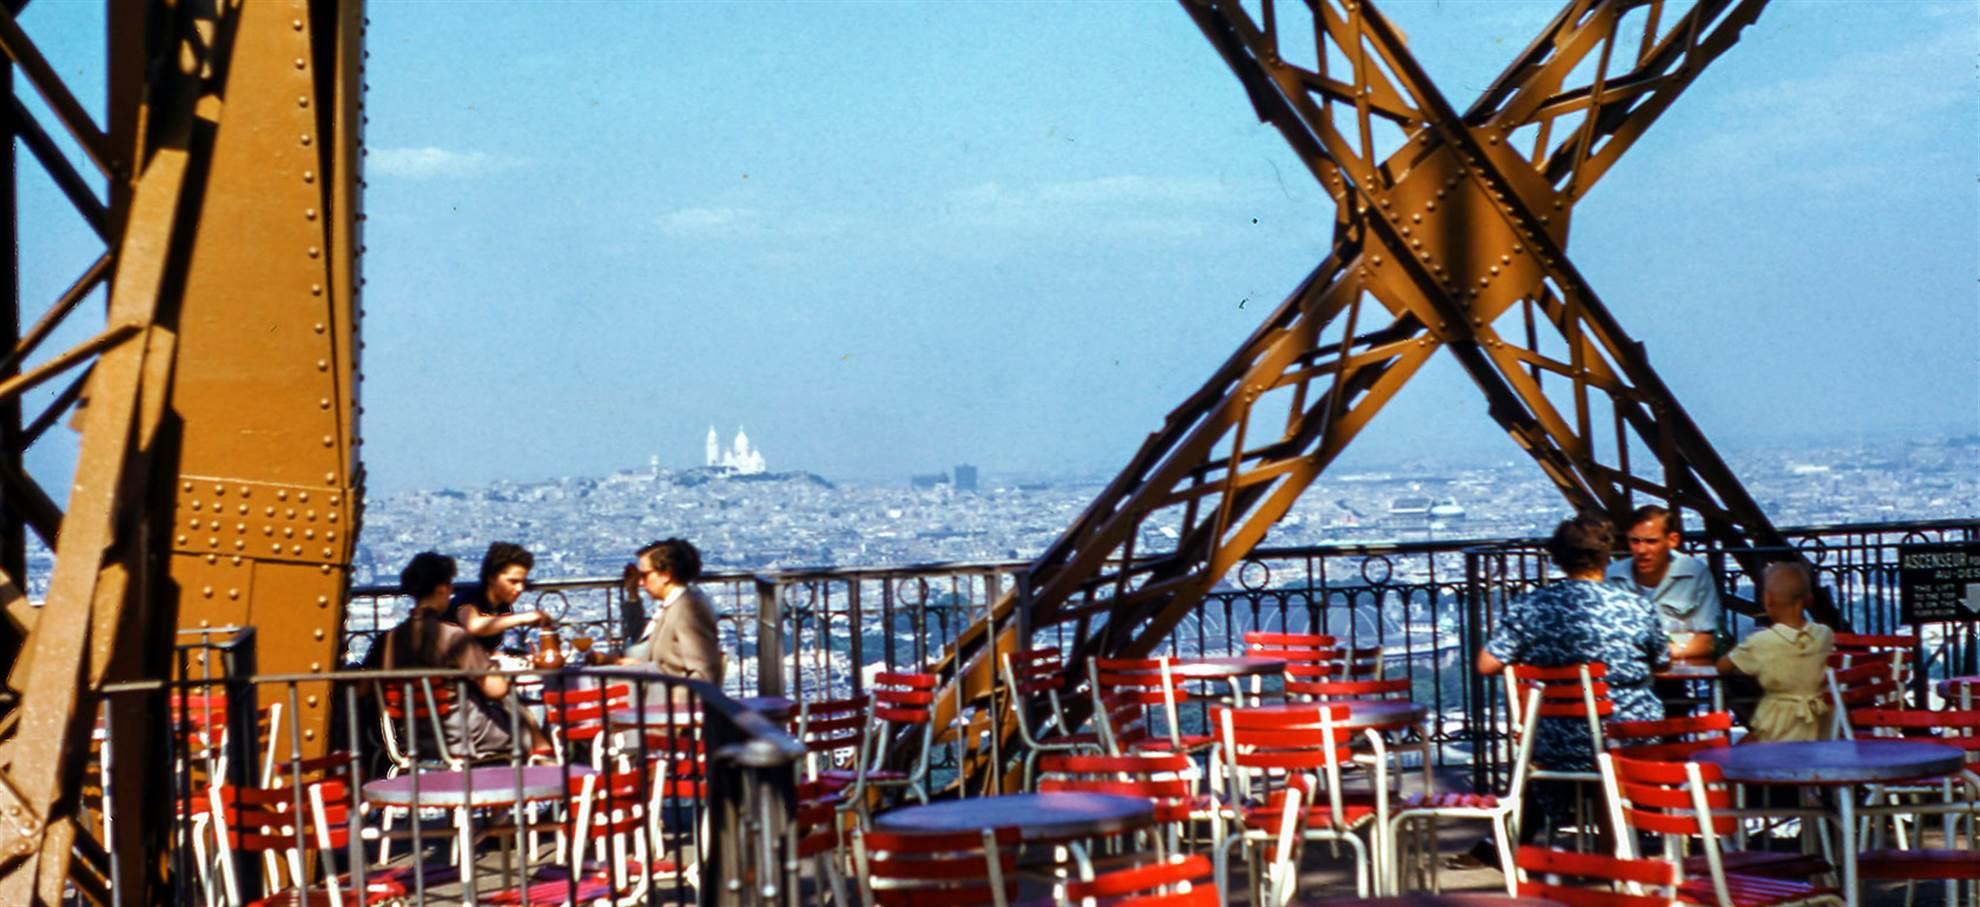 Almoço na Torre Eiffel – Evite a fila